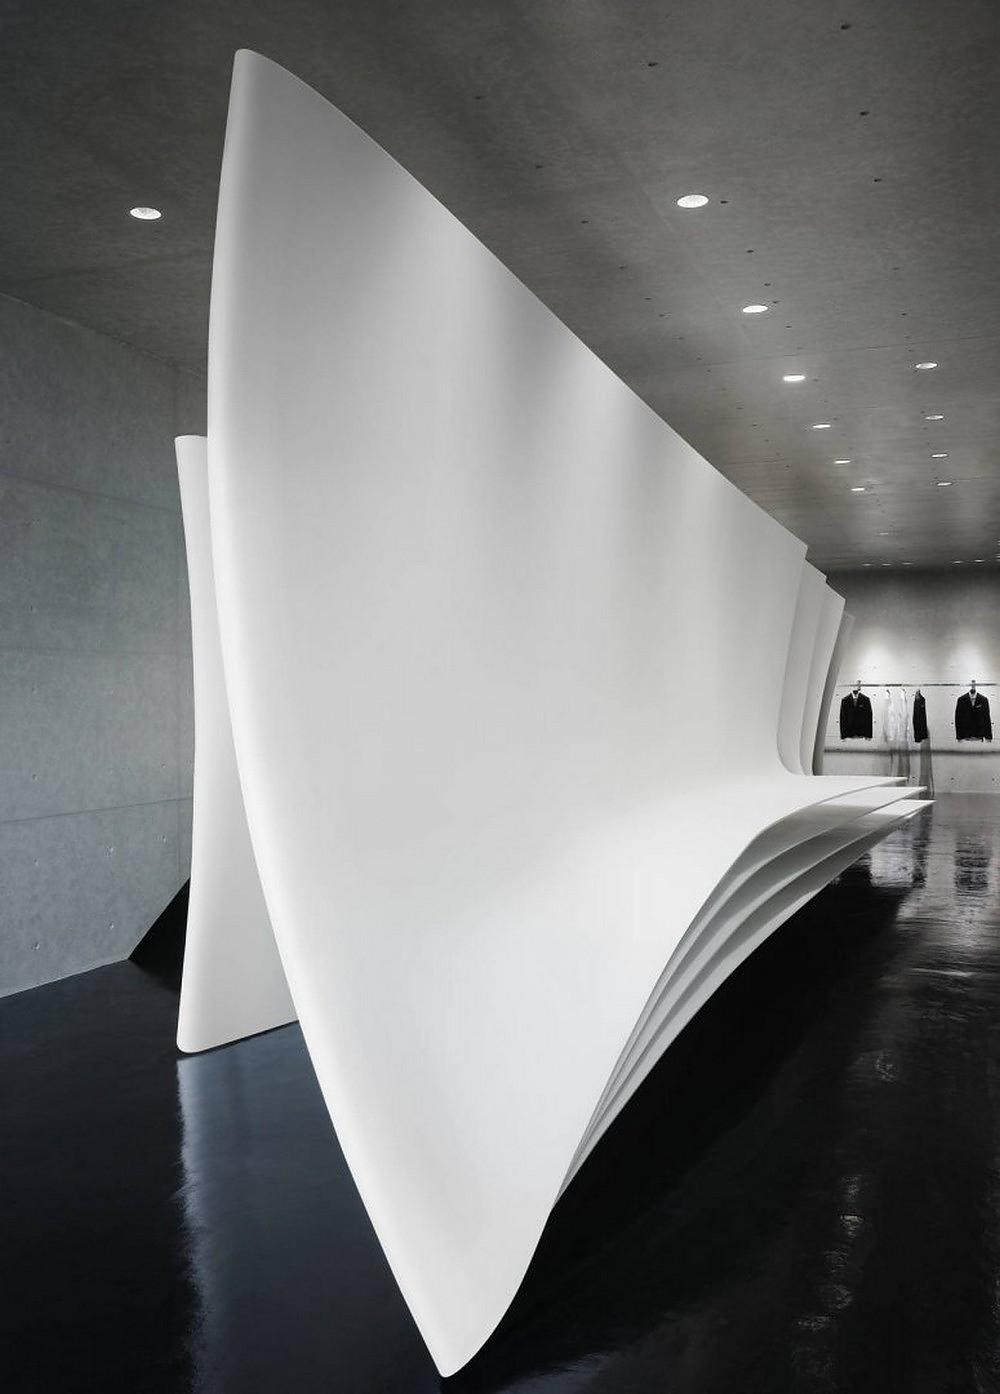 Neil Barrett Tokyo Flagship Store by Zaha Hadid Architects.